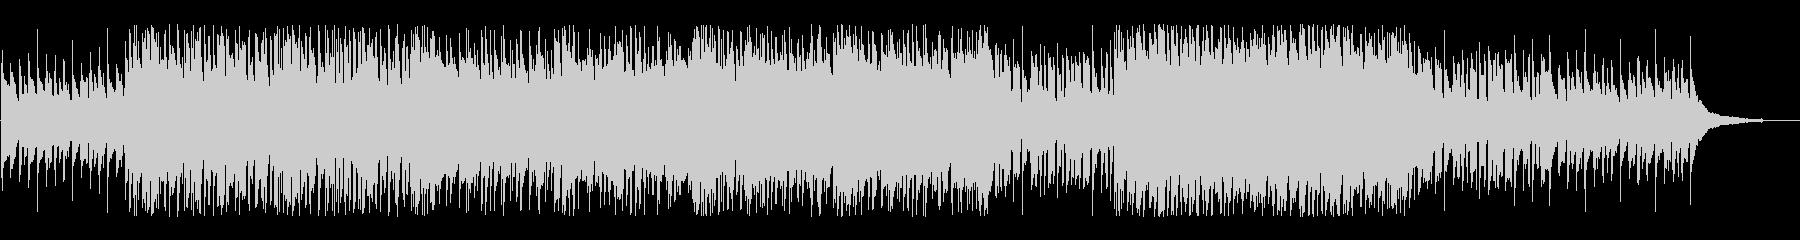 オーディオドラマ向けBGM/日常の未再生の波形